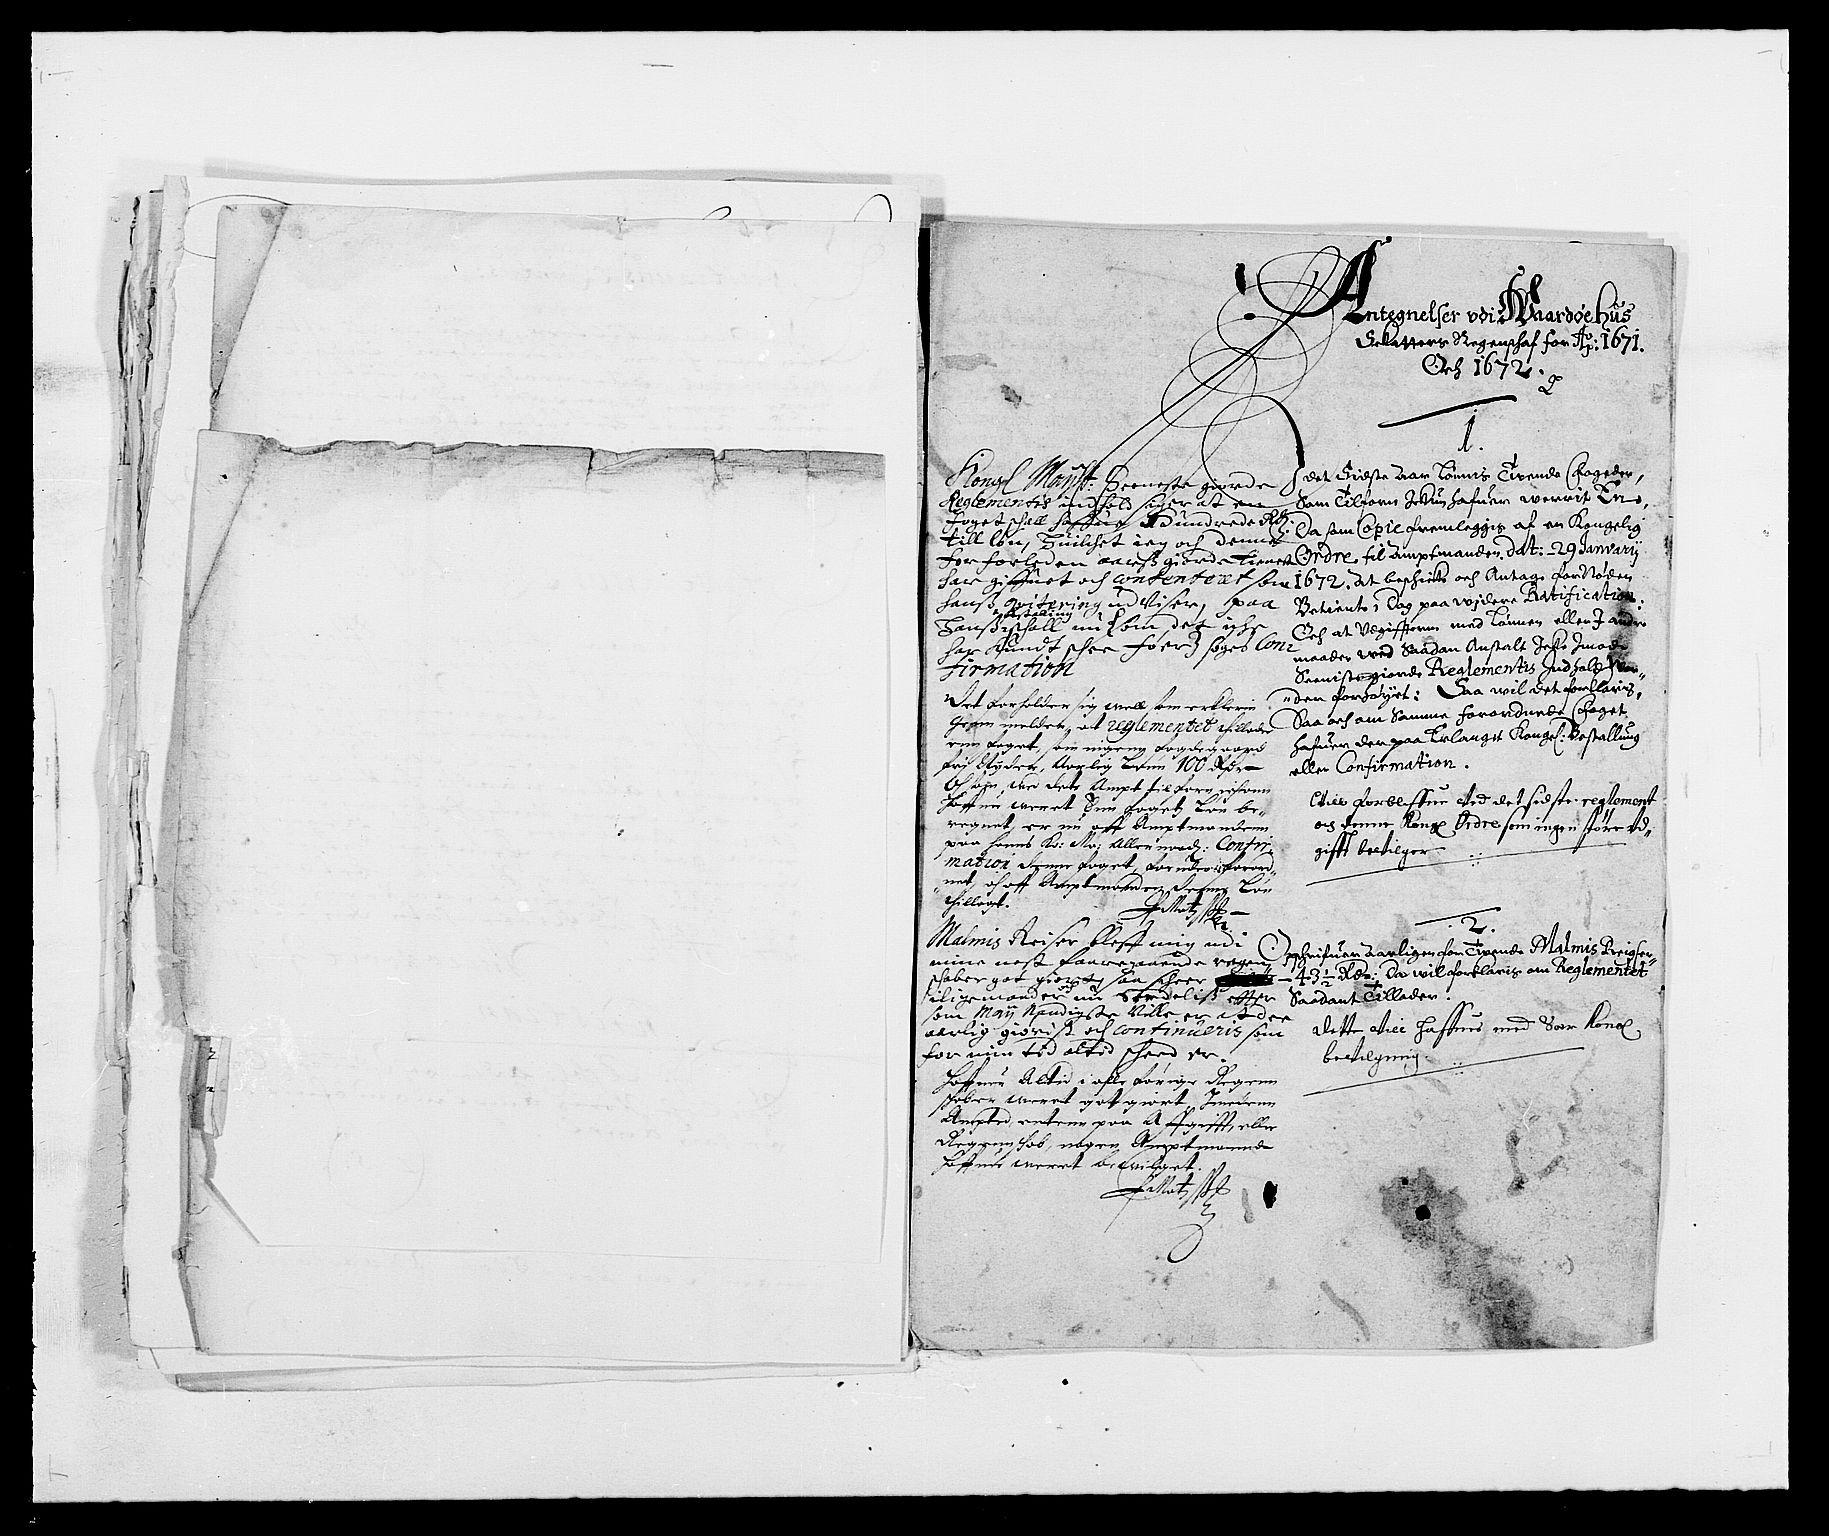 RA, Rentekammeret inntil 1814, Reviderte regnskaper, Fogderegnskap, R69/L4849: Fogderegnskap Finnmark/Vardøhus, 1661-1679, s. 271